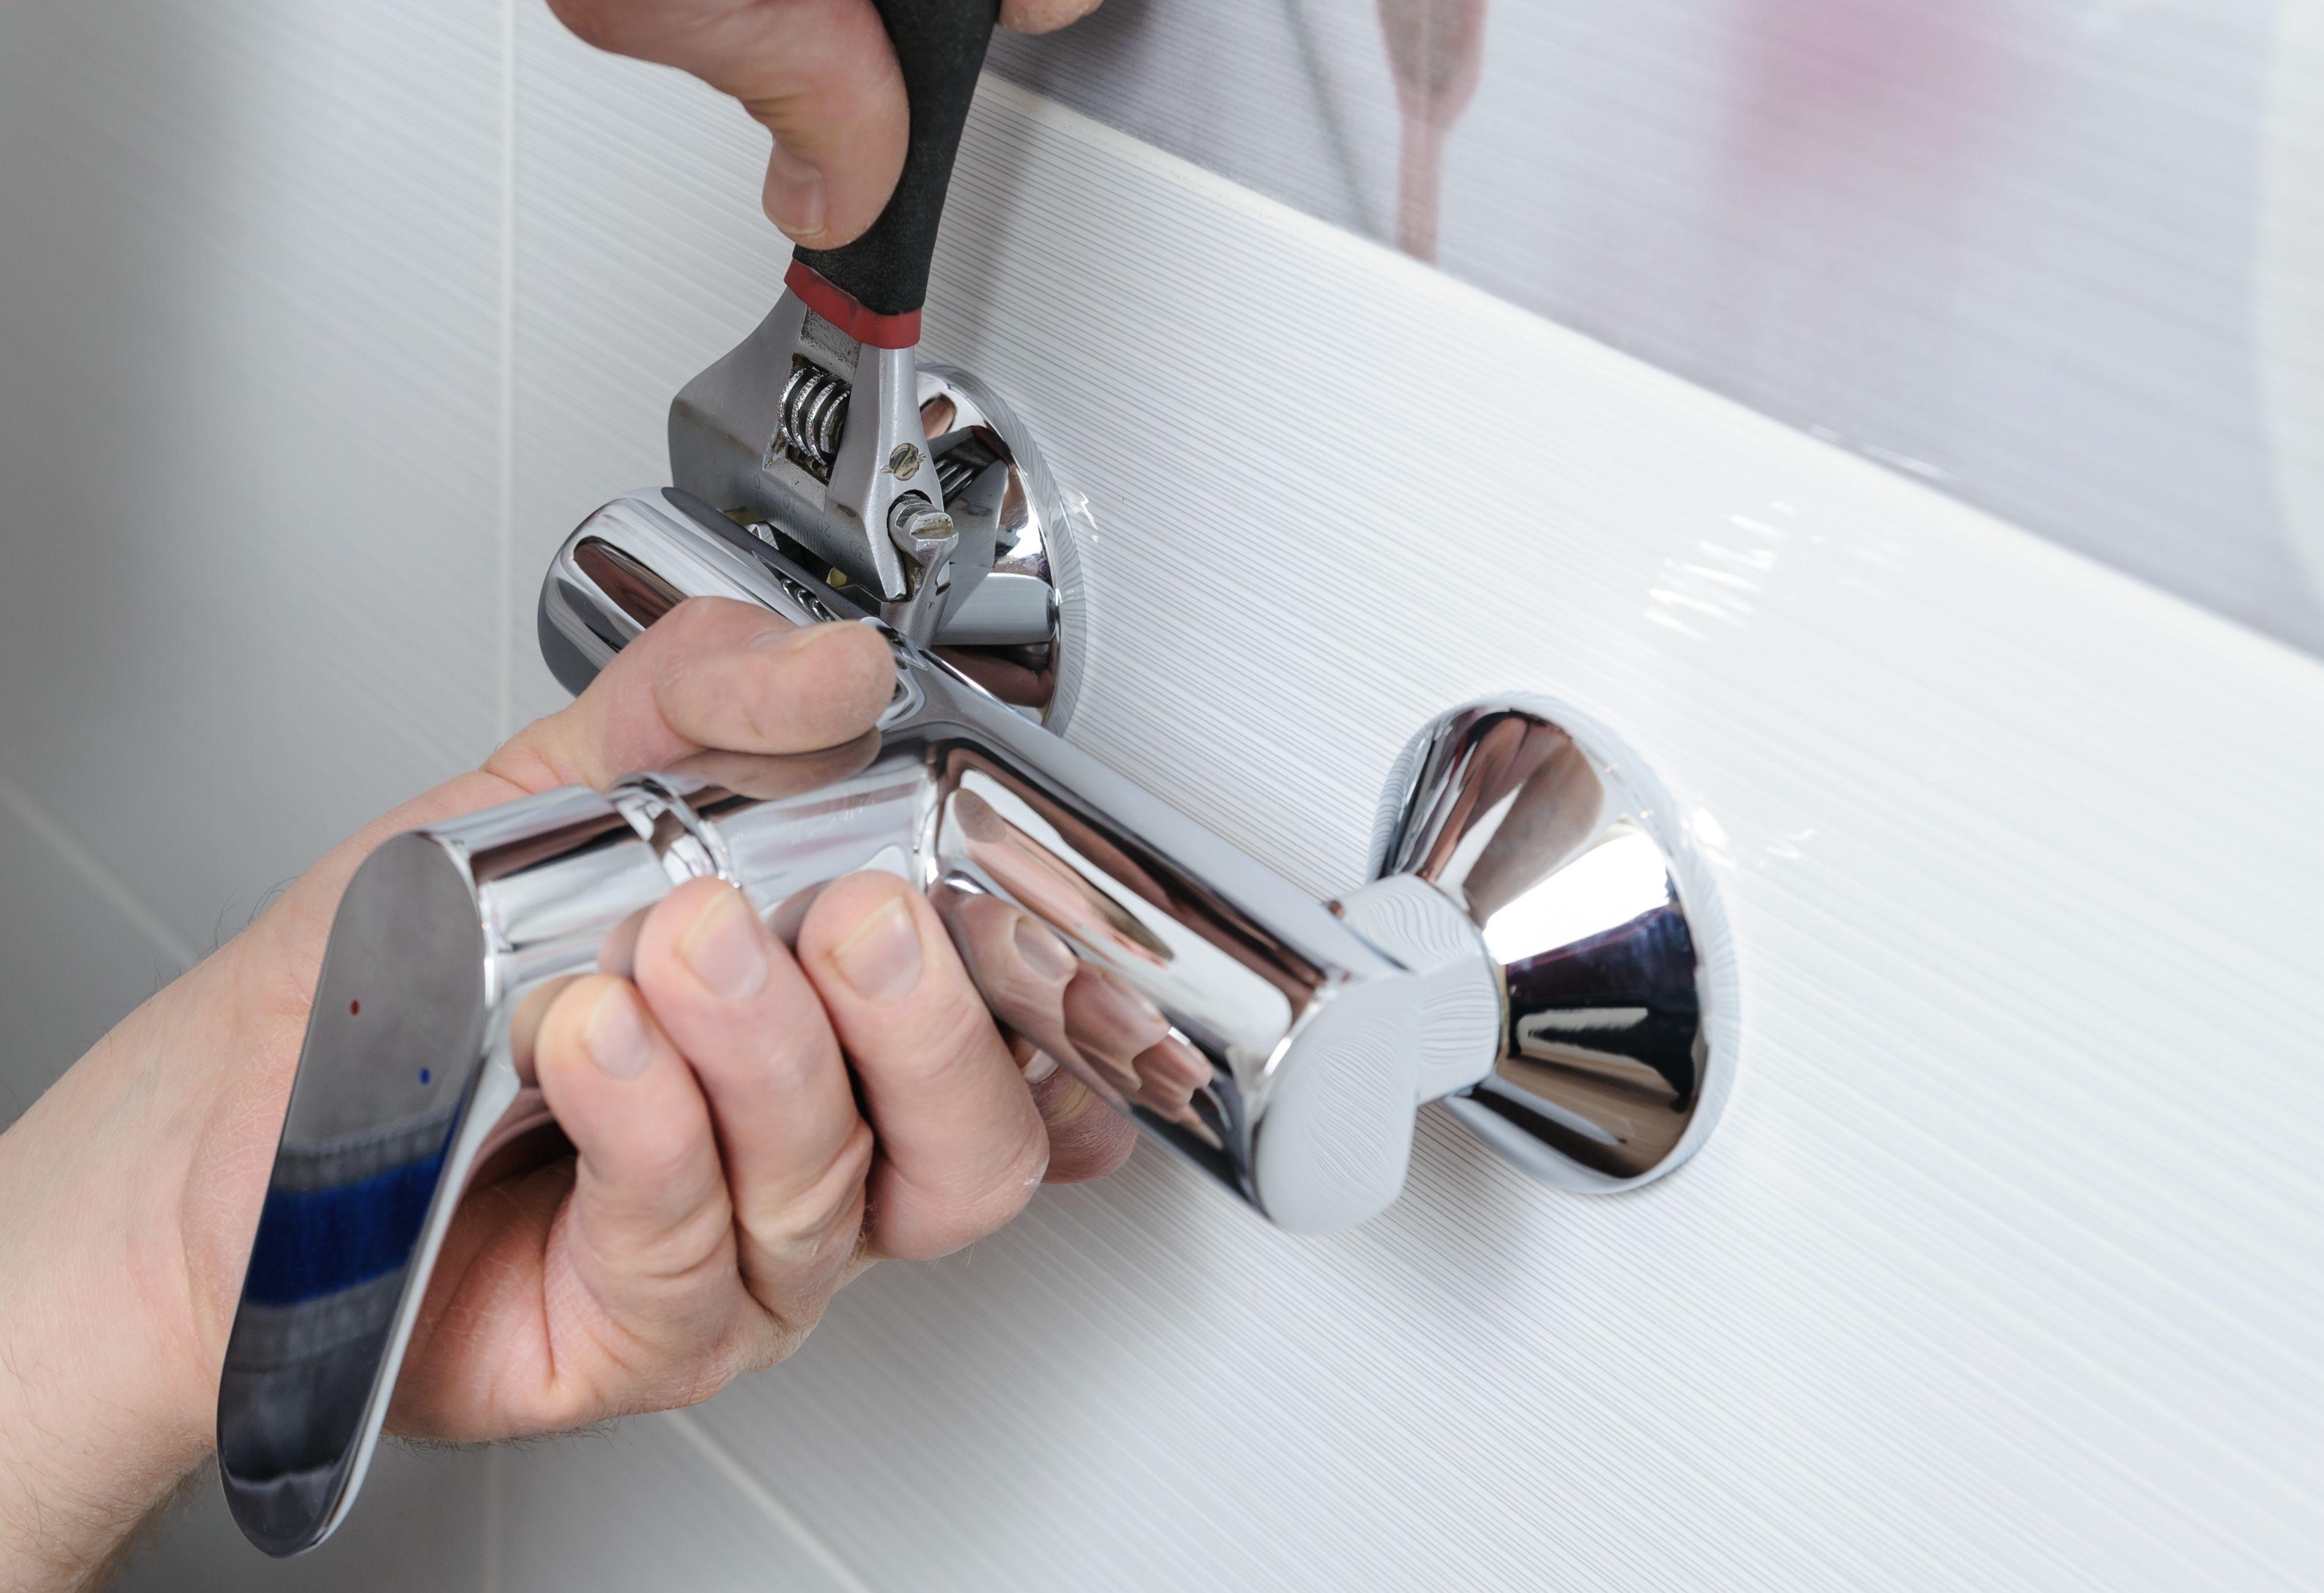 Instalación y reparación de sistemas de fontanería en Barcelona